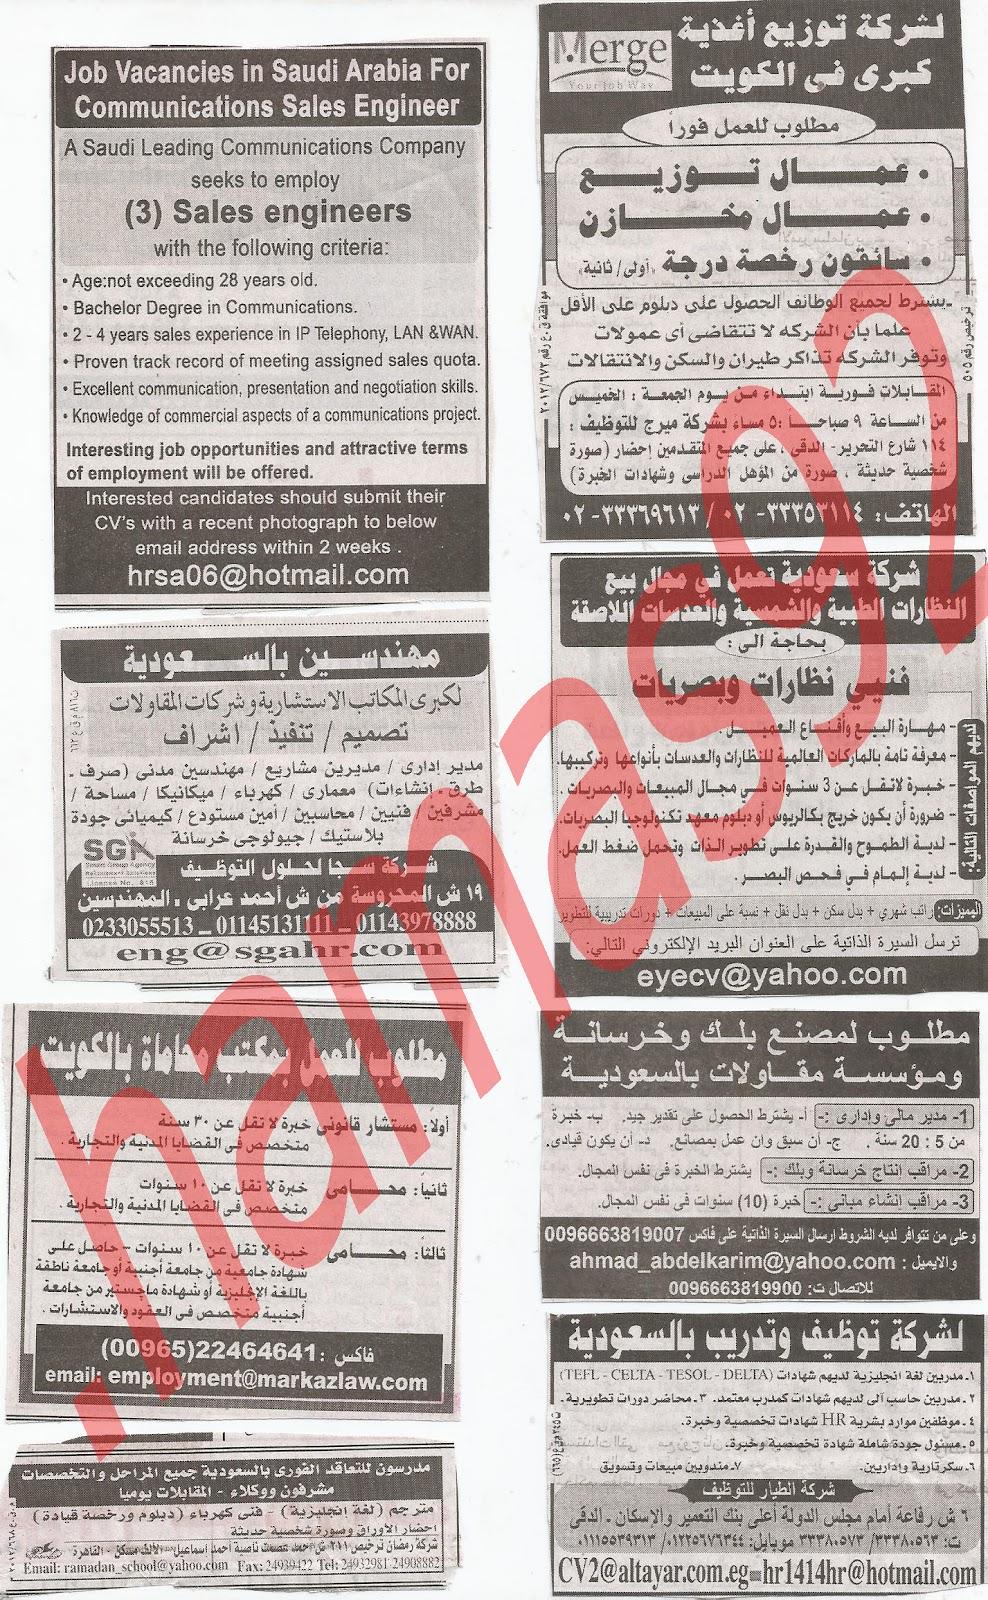 اعلانات وظائف جريدة الاهرام الجمعة 13/7/2012 كاملة - الاهرام الاسبوعى 15